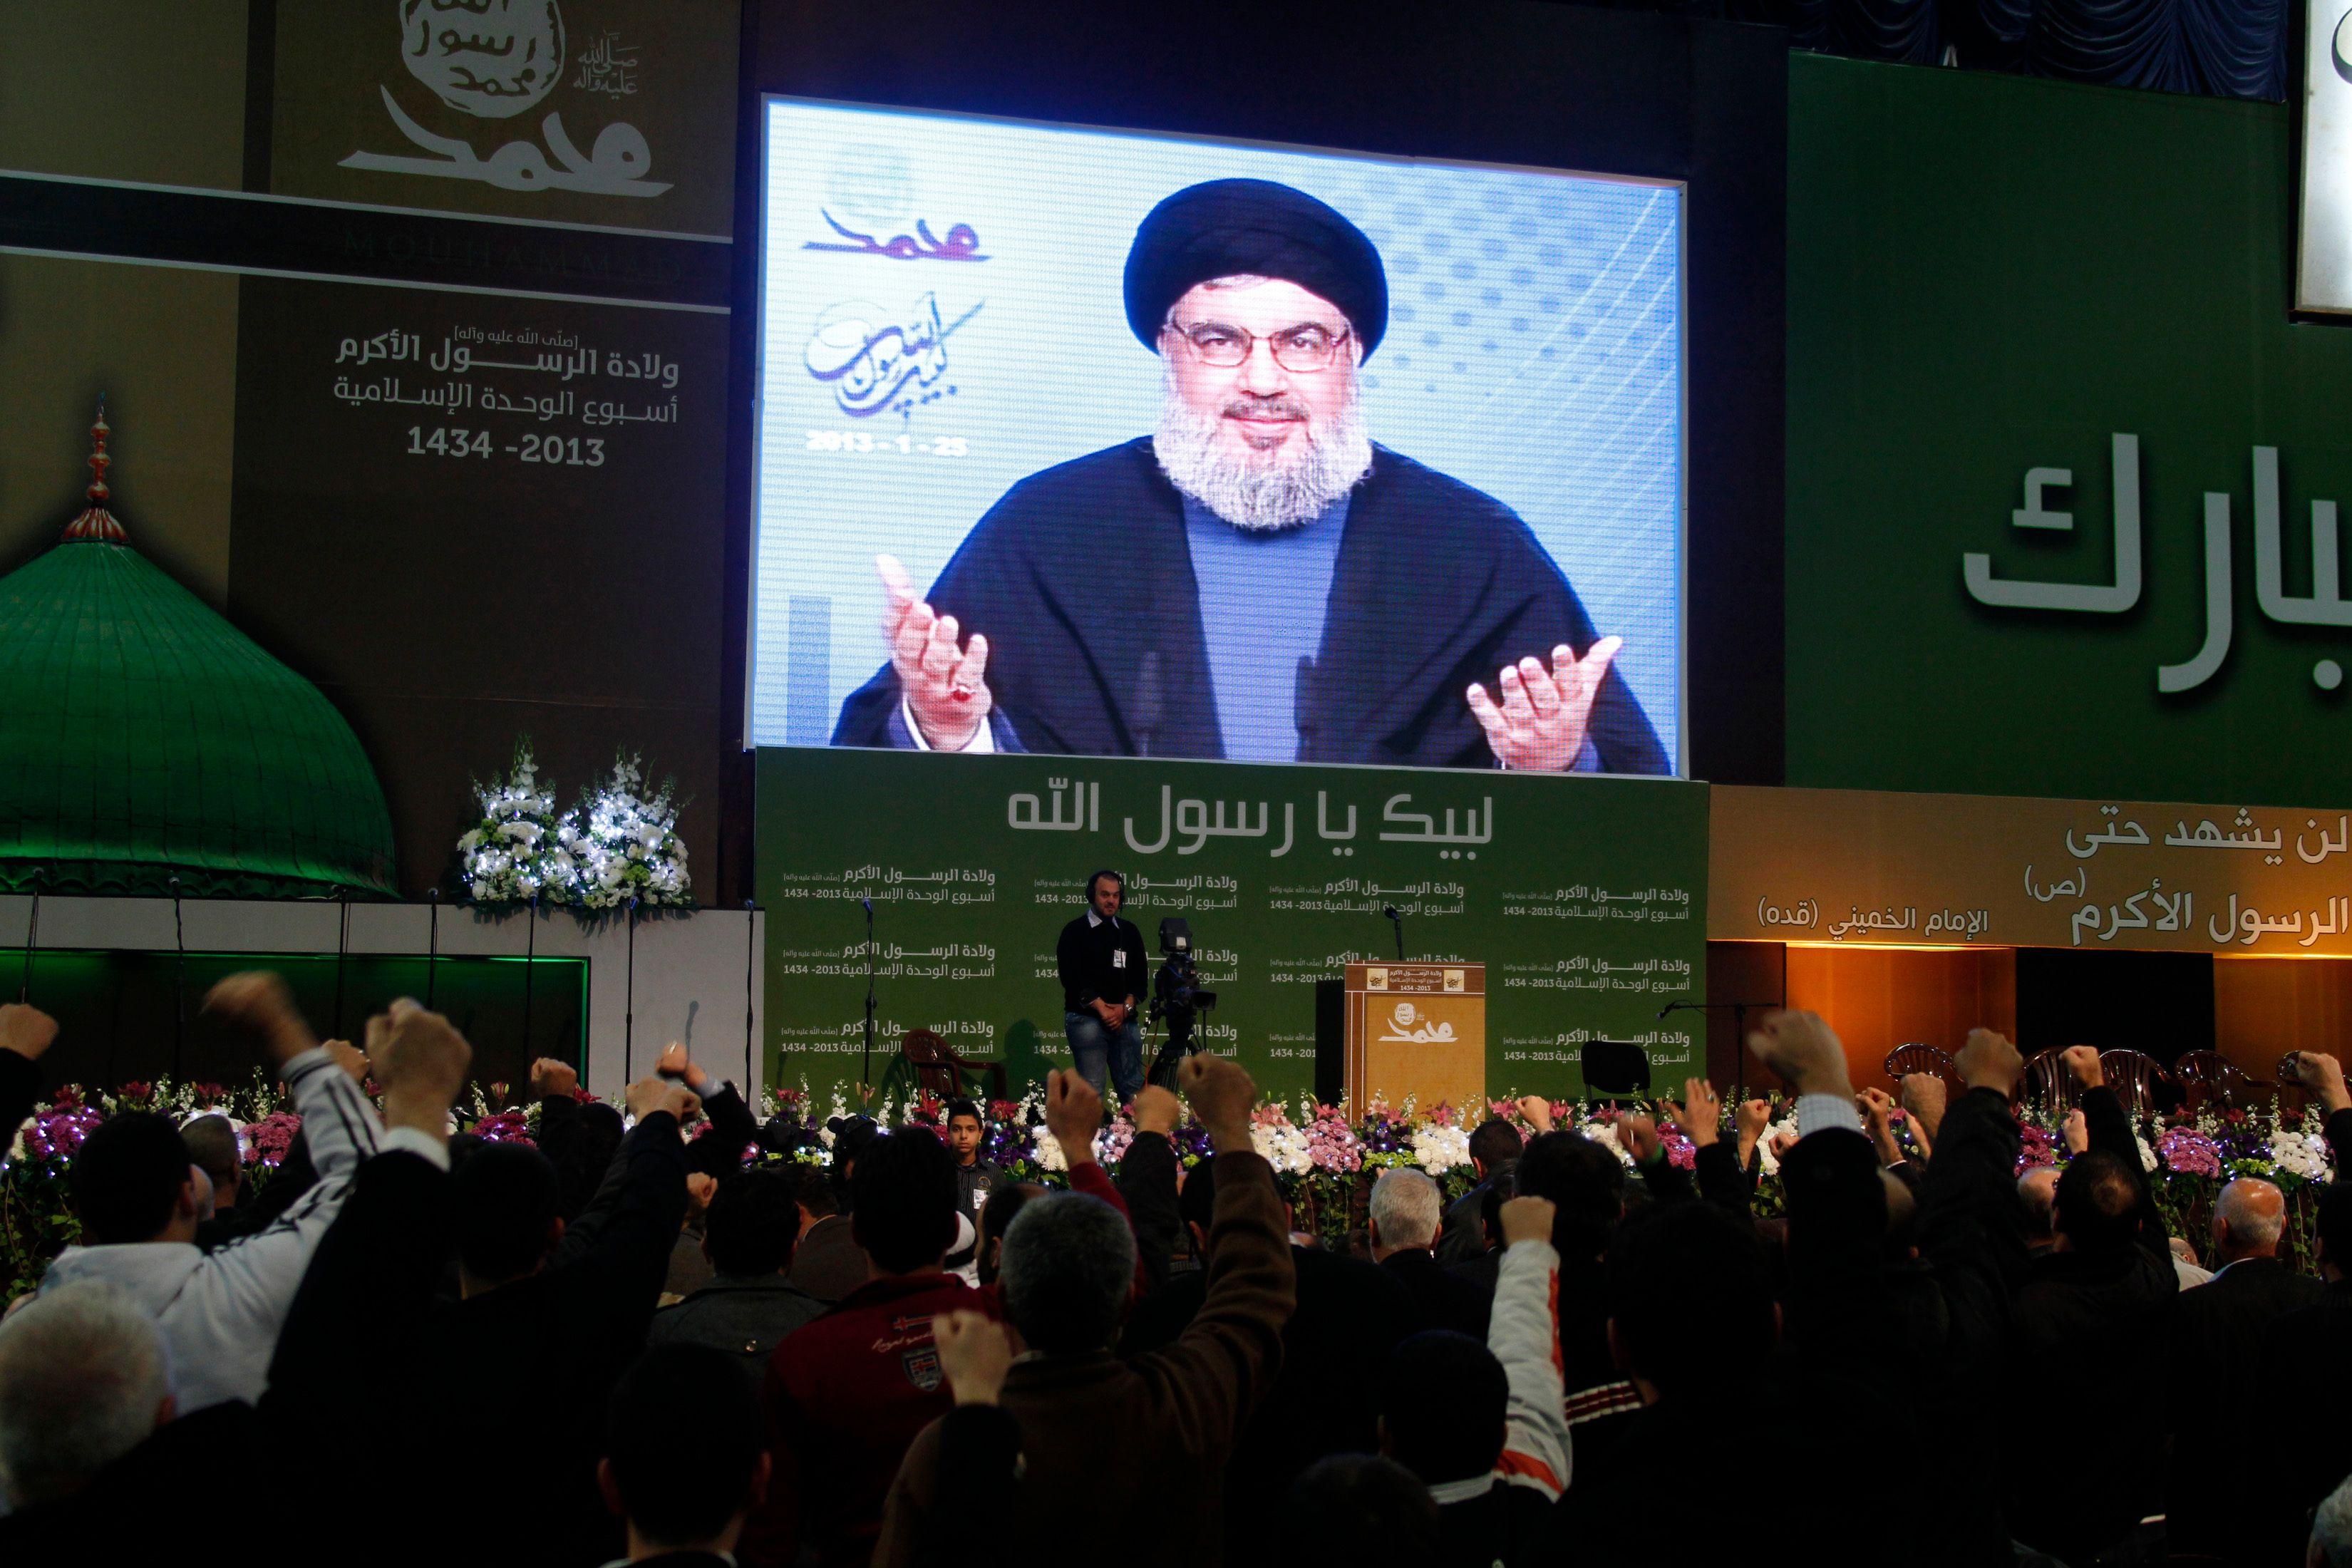 Israël face à un Hezbollah plus fort que jamais alors que le régime syrien est en passe d'en finir avec l'Etat islamique